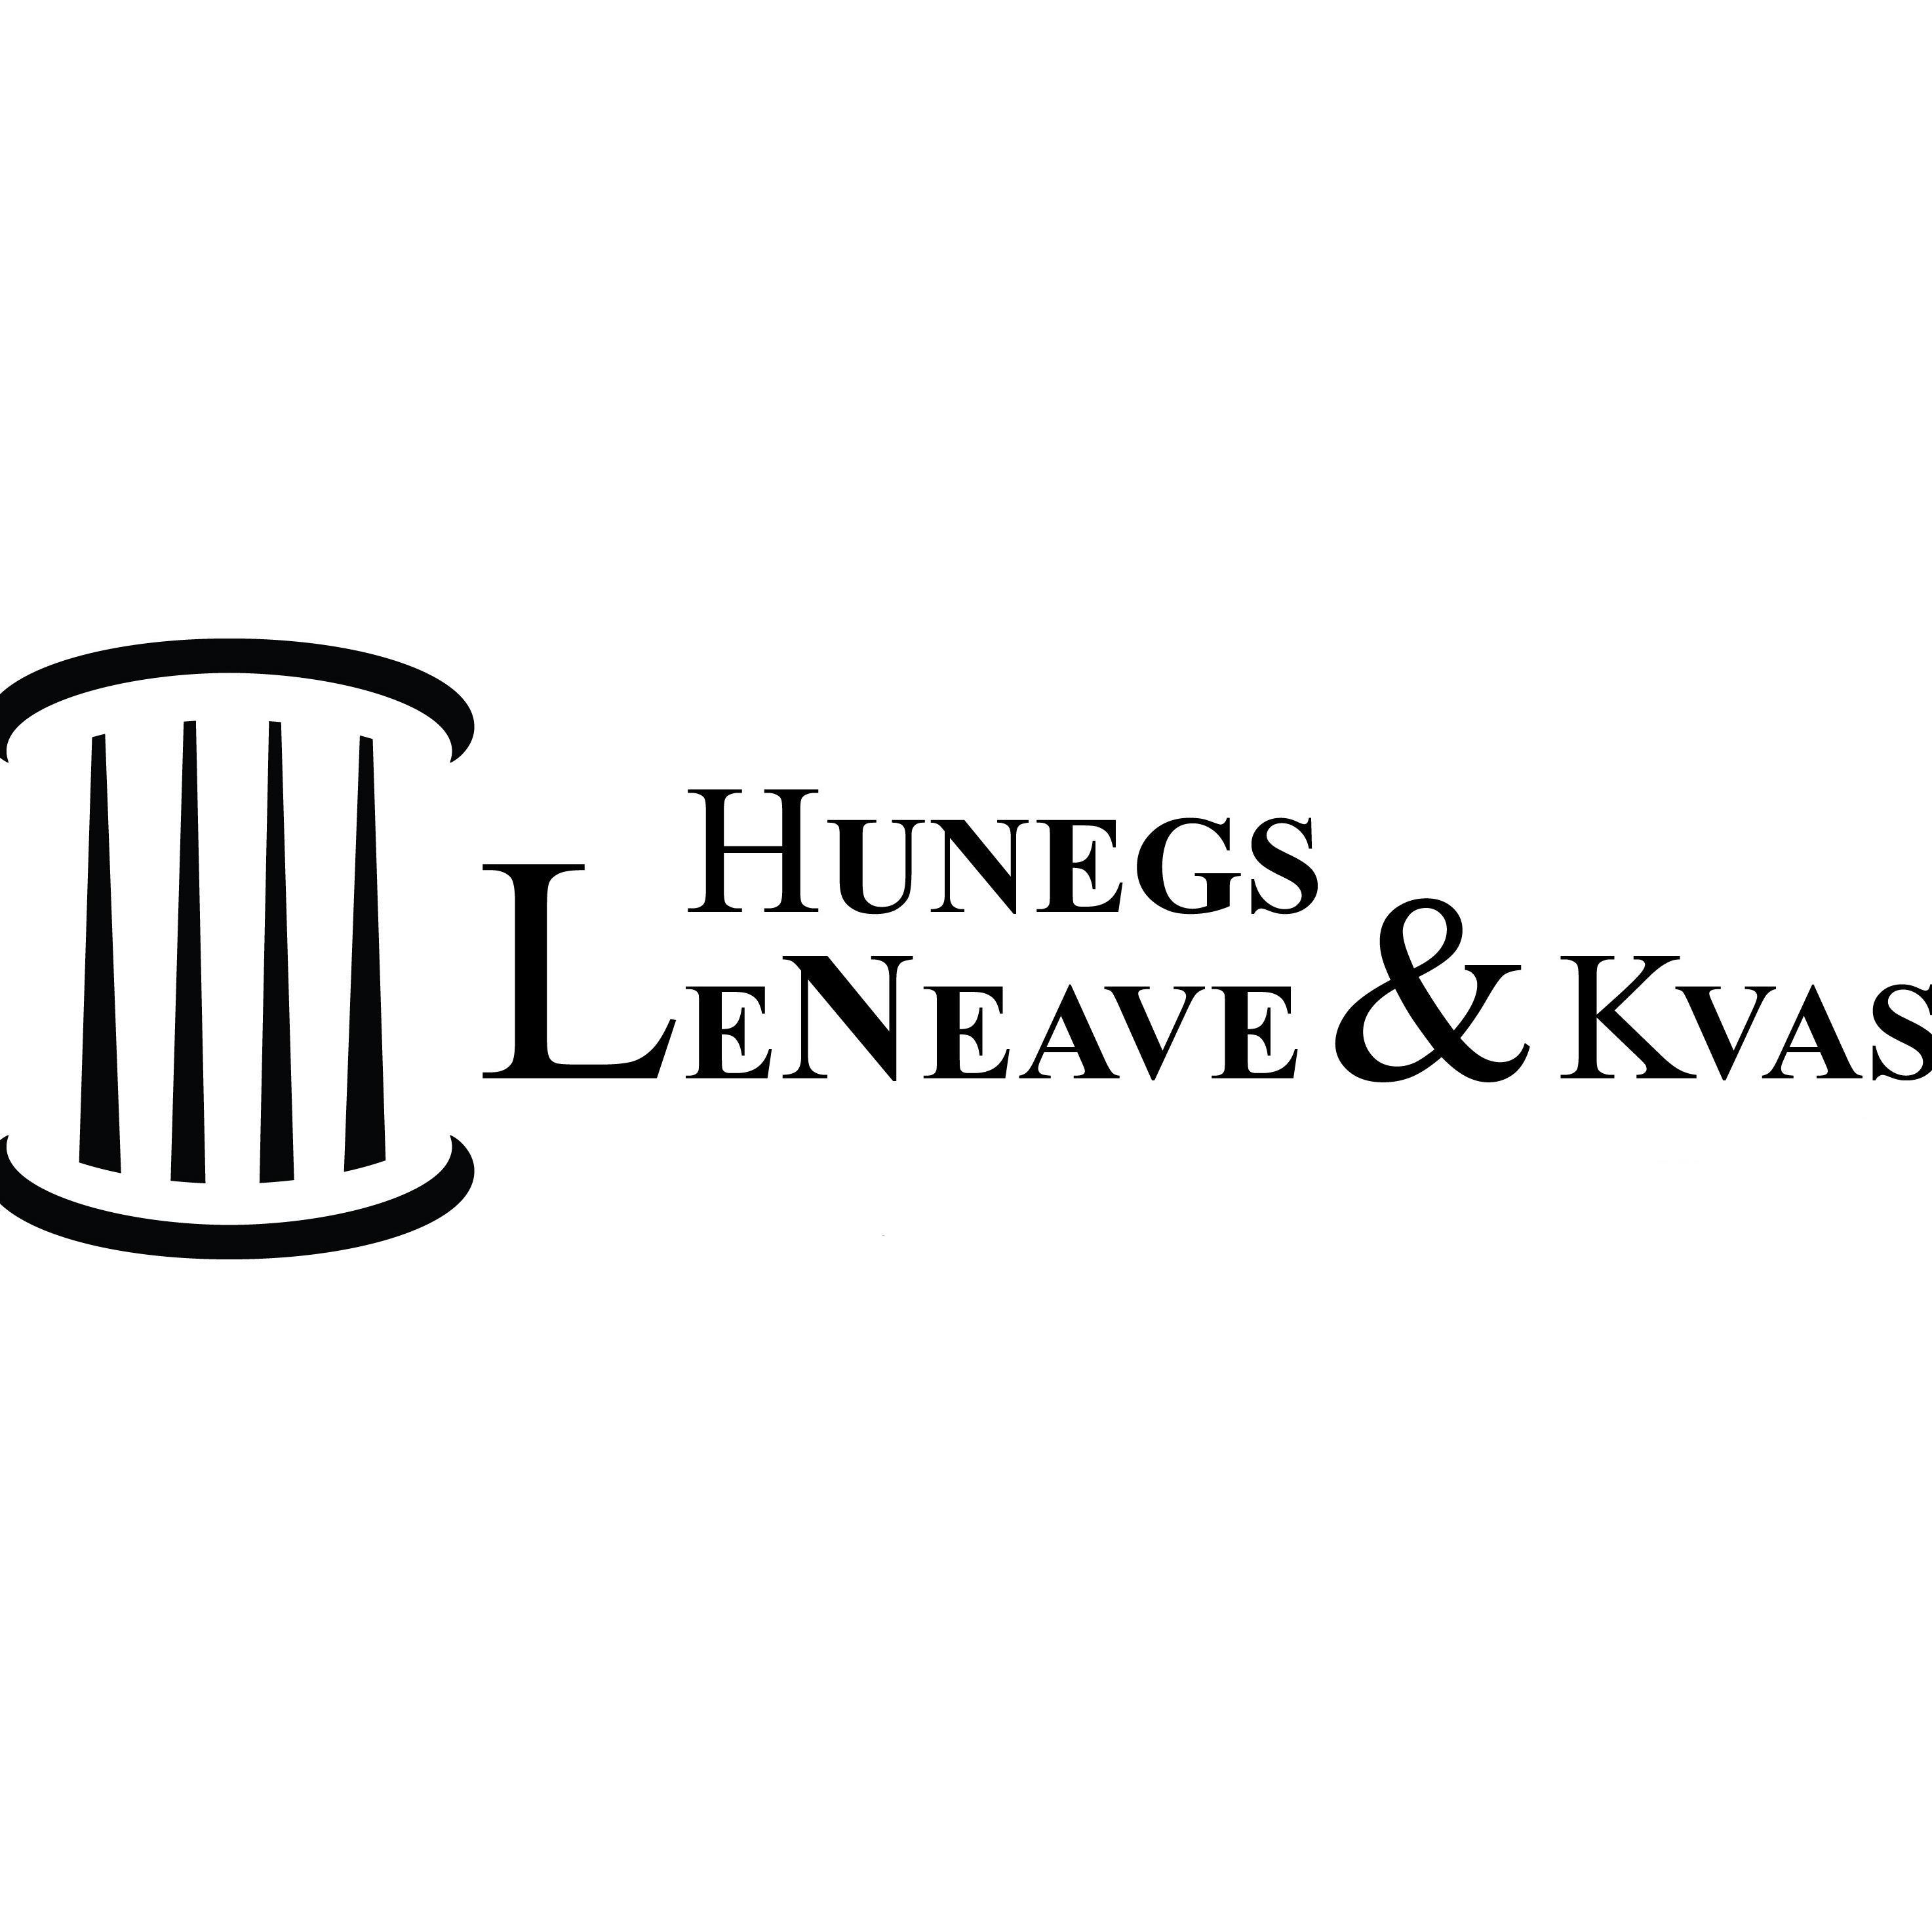 Hunegs LeNeave & Kvas